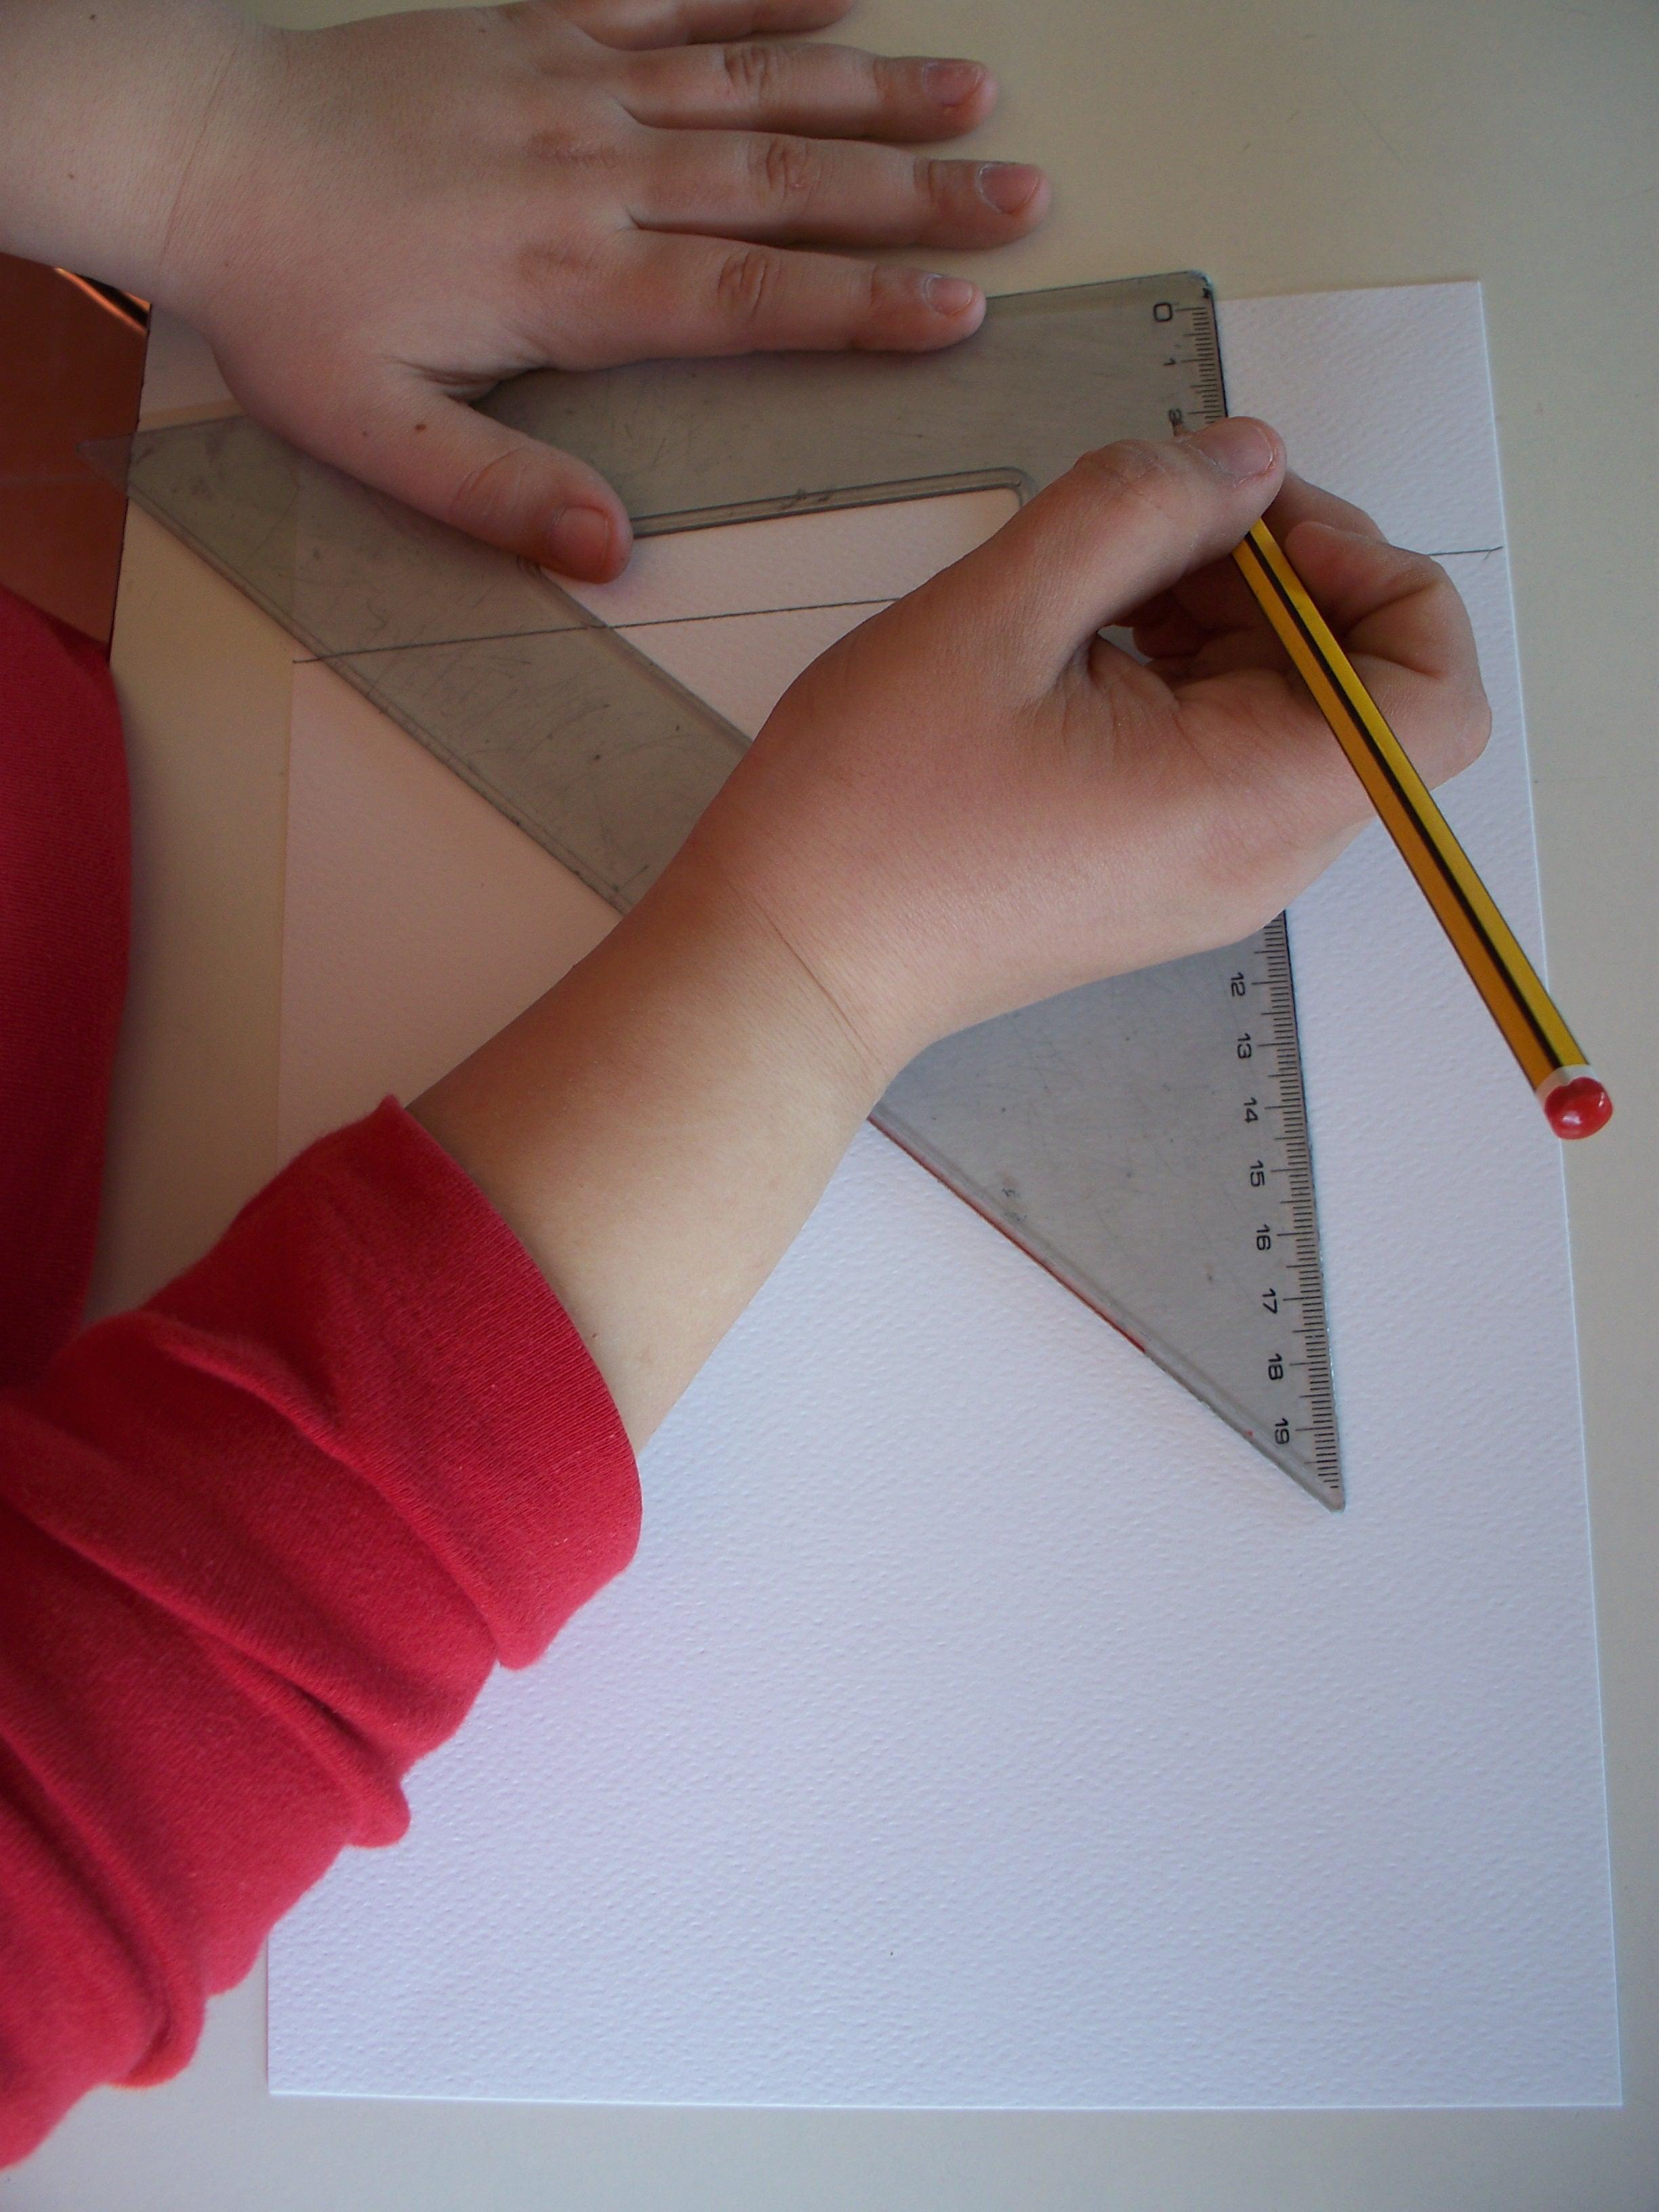 Traccia le linee orizzontali e verticali